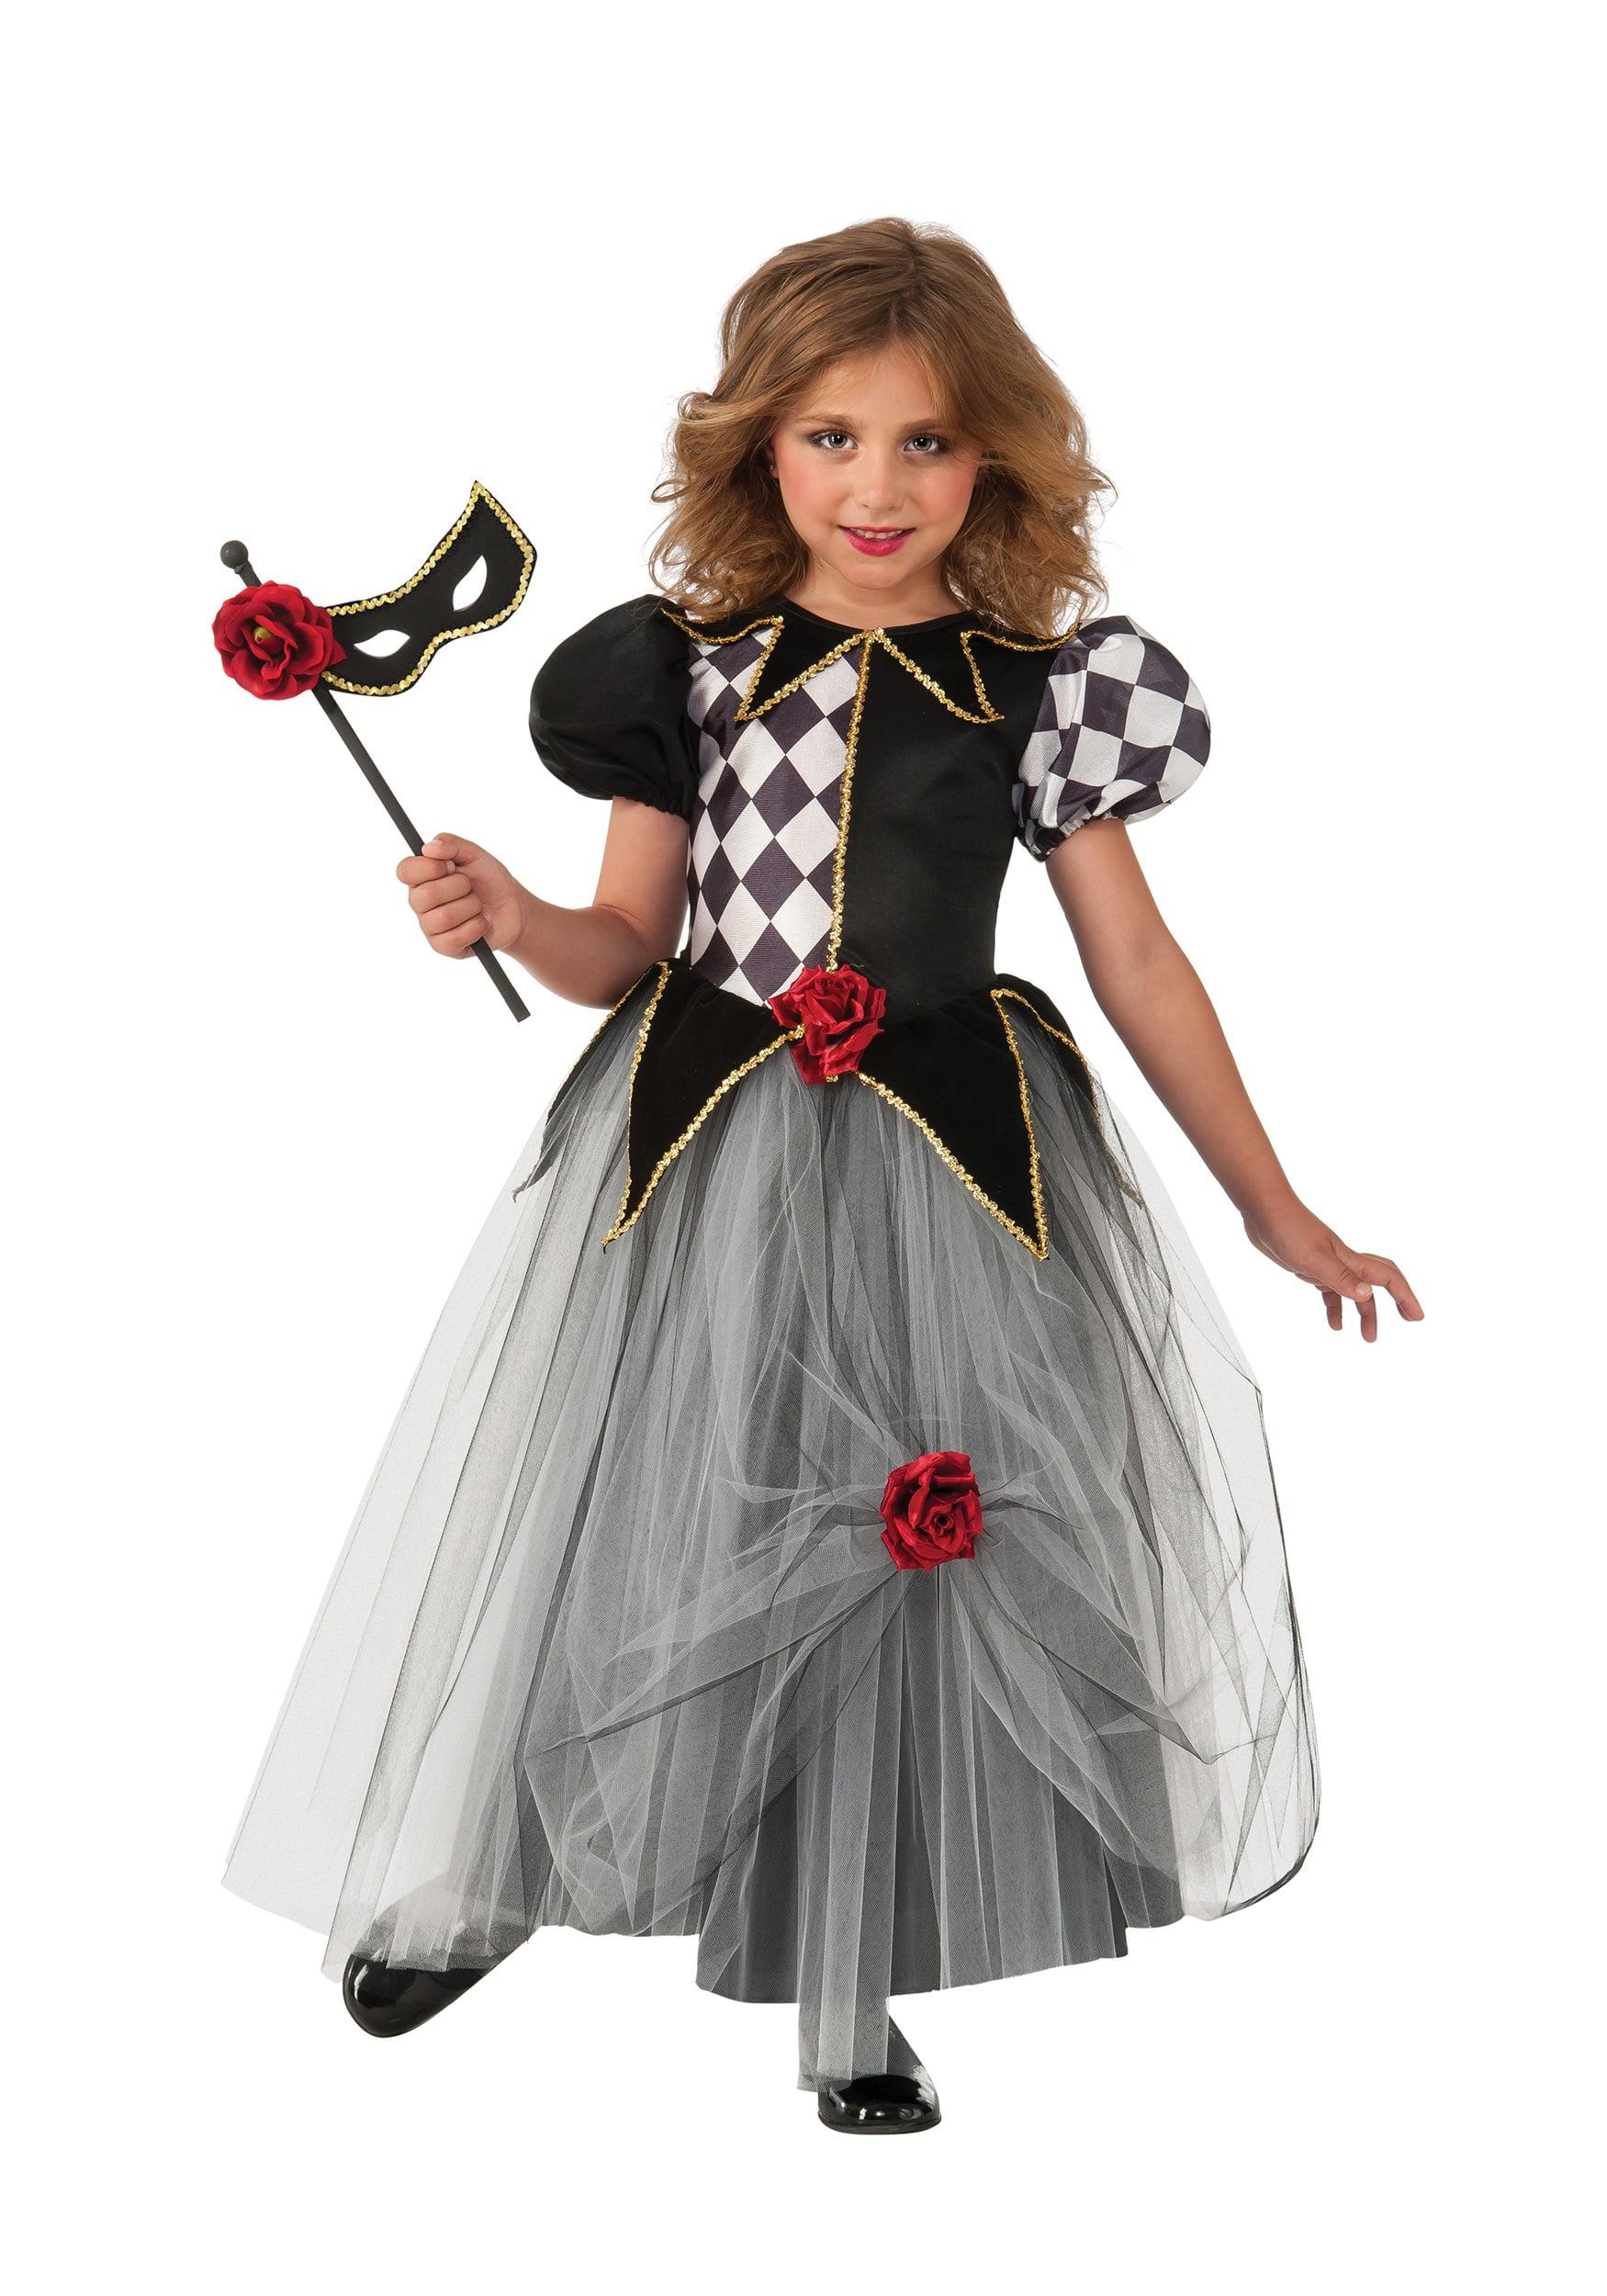 Girls Masquerade Princess Costume - Walmart.com